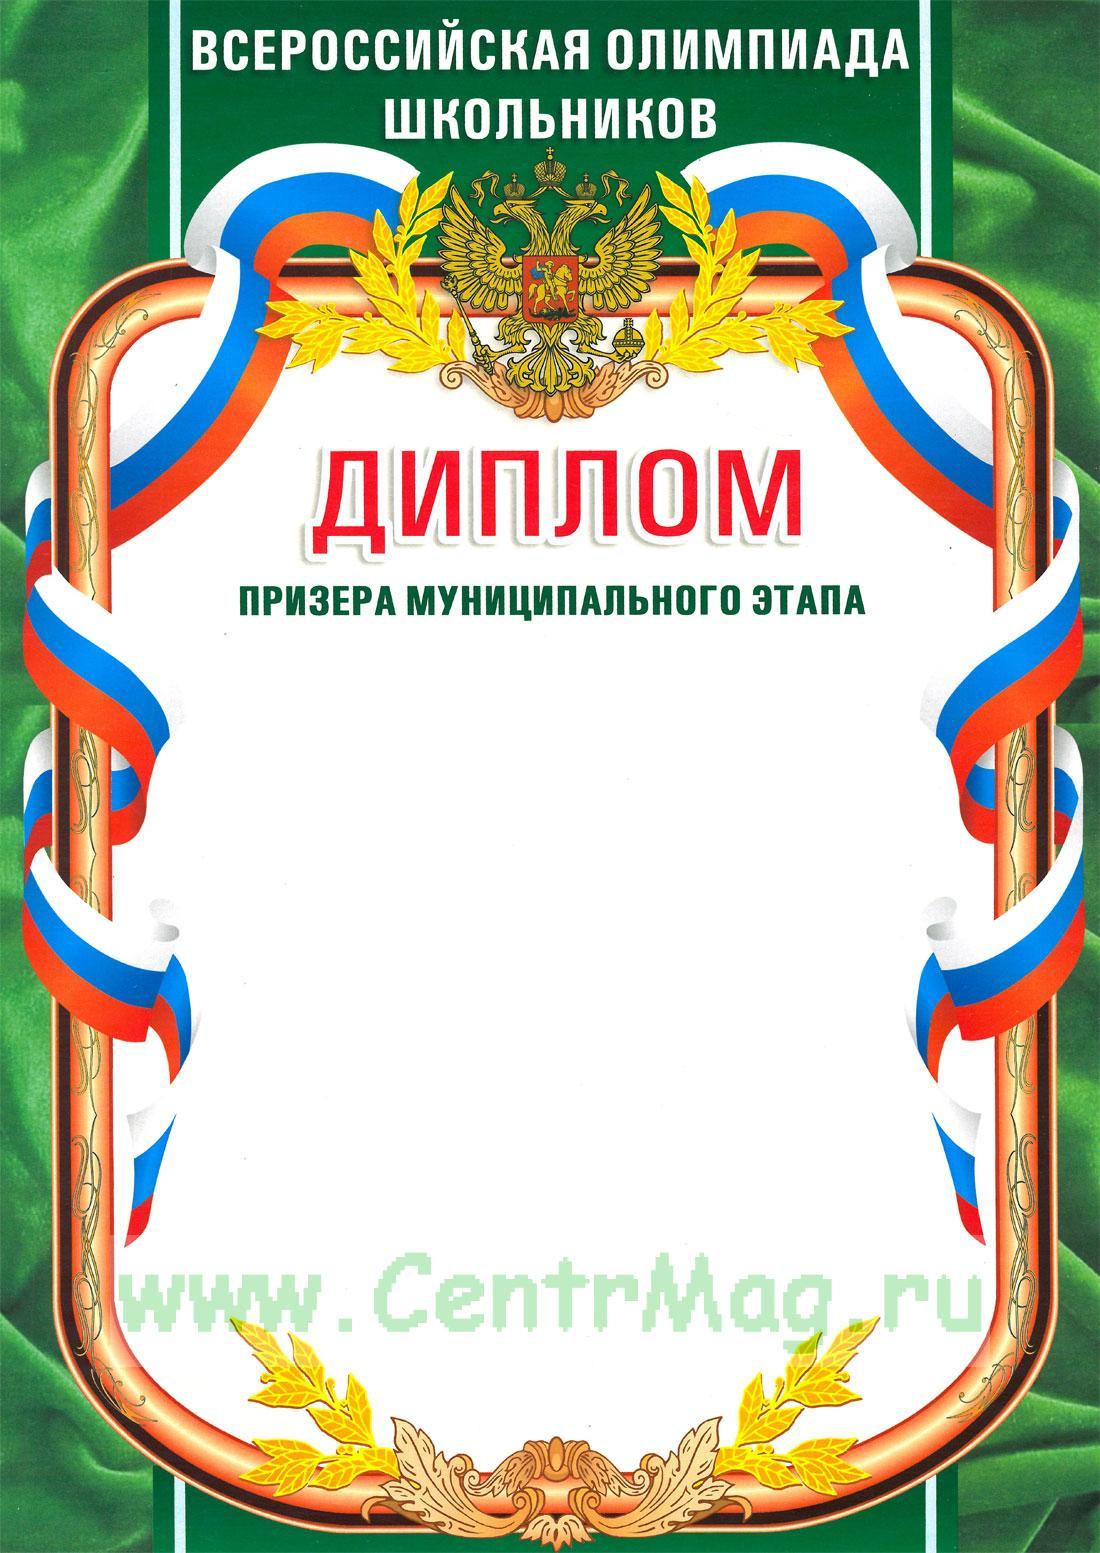 Диплом призера муниципального этапа Всероссийской олимпиады школьников